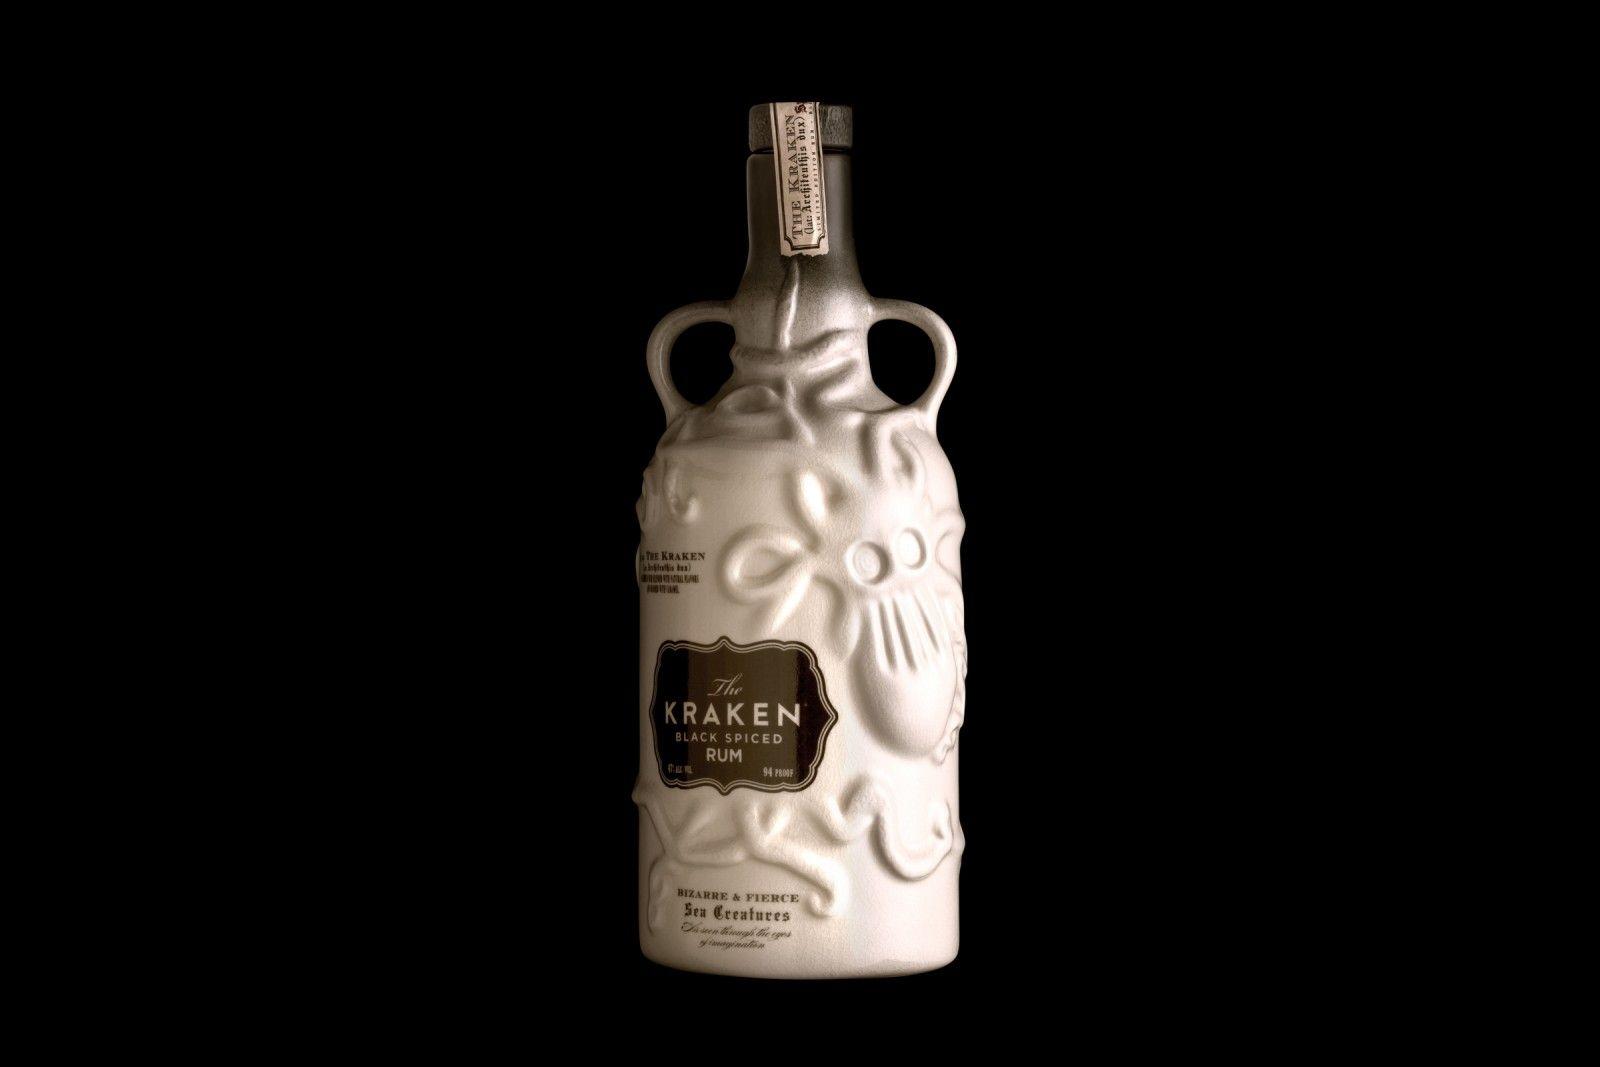 Kraken Rum Ceramic Bottle By Stranger Amp Stranger